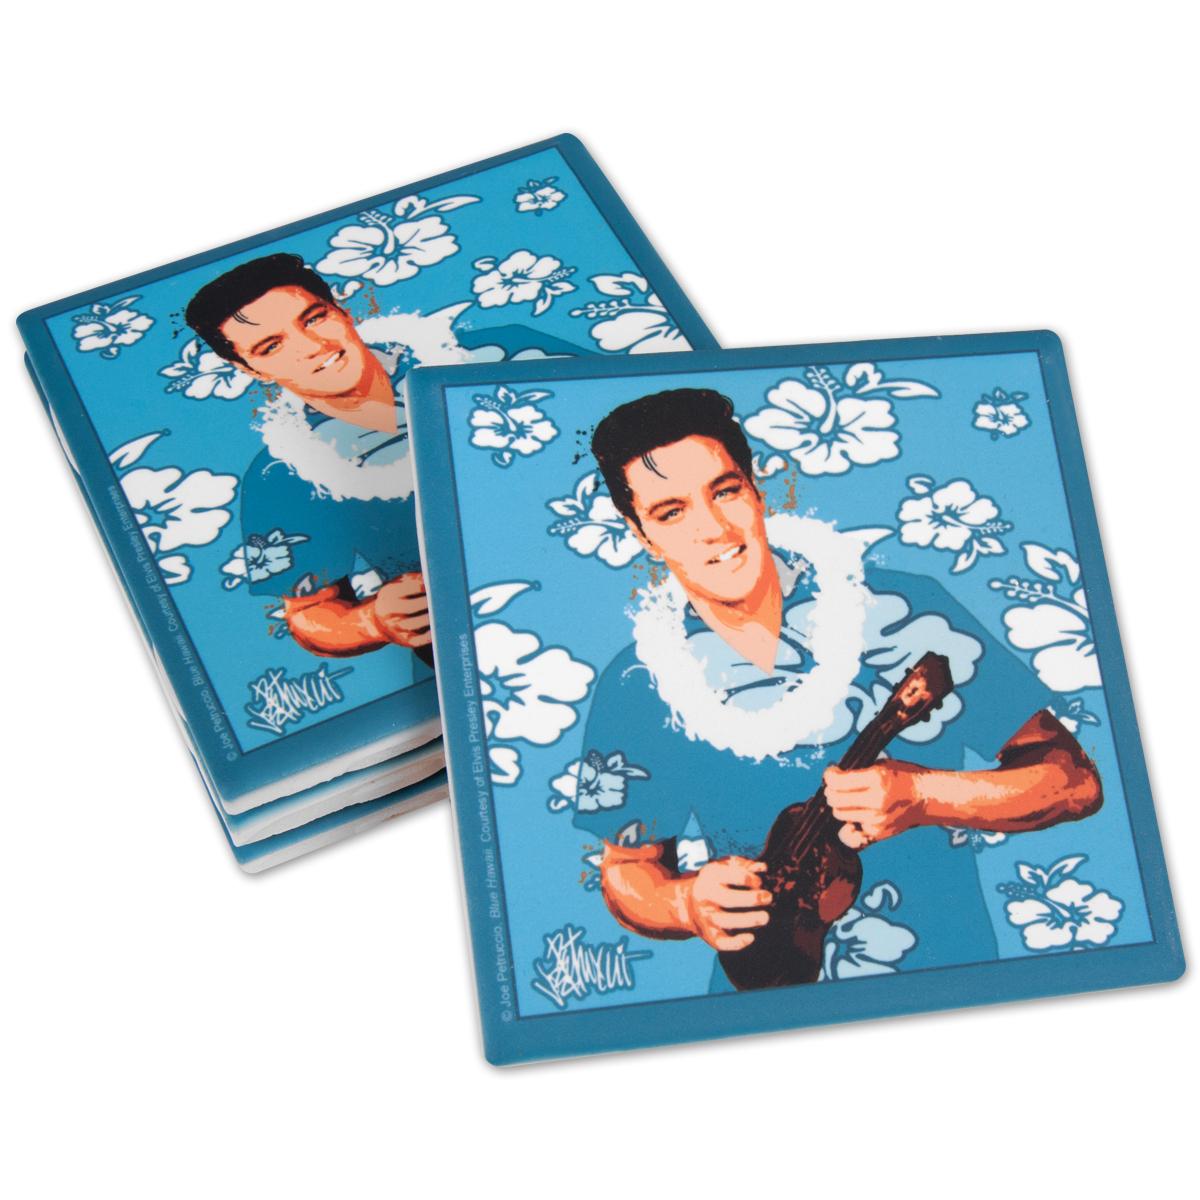 Elvis Blue Hawaii Ceramic Coasters Set of 4